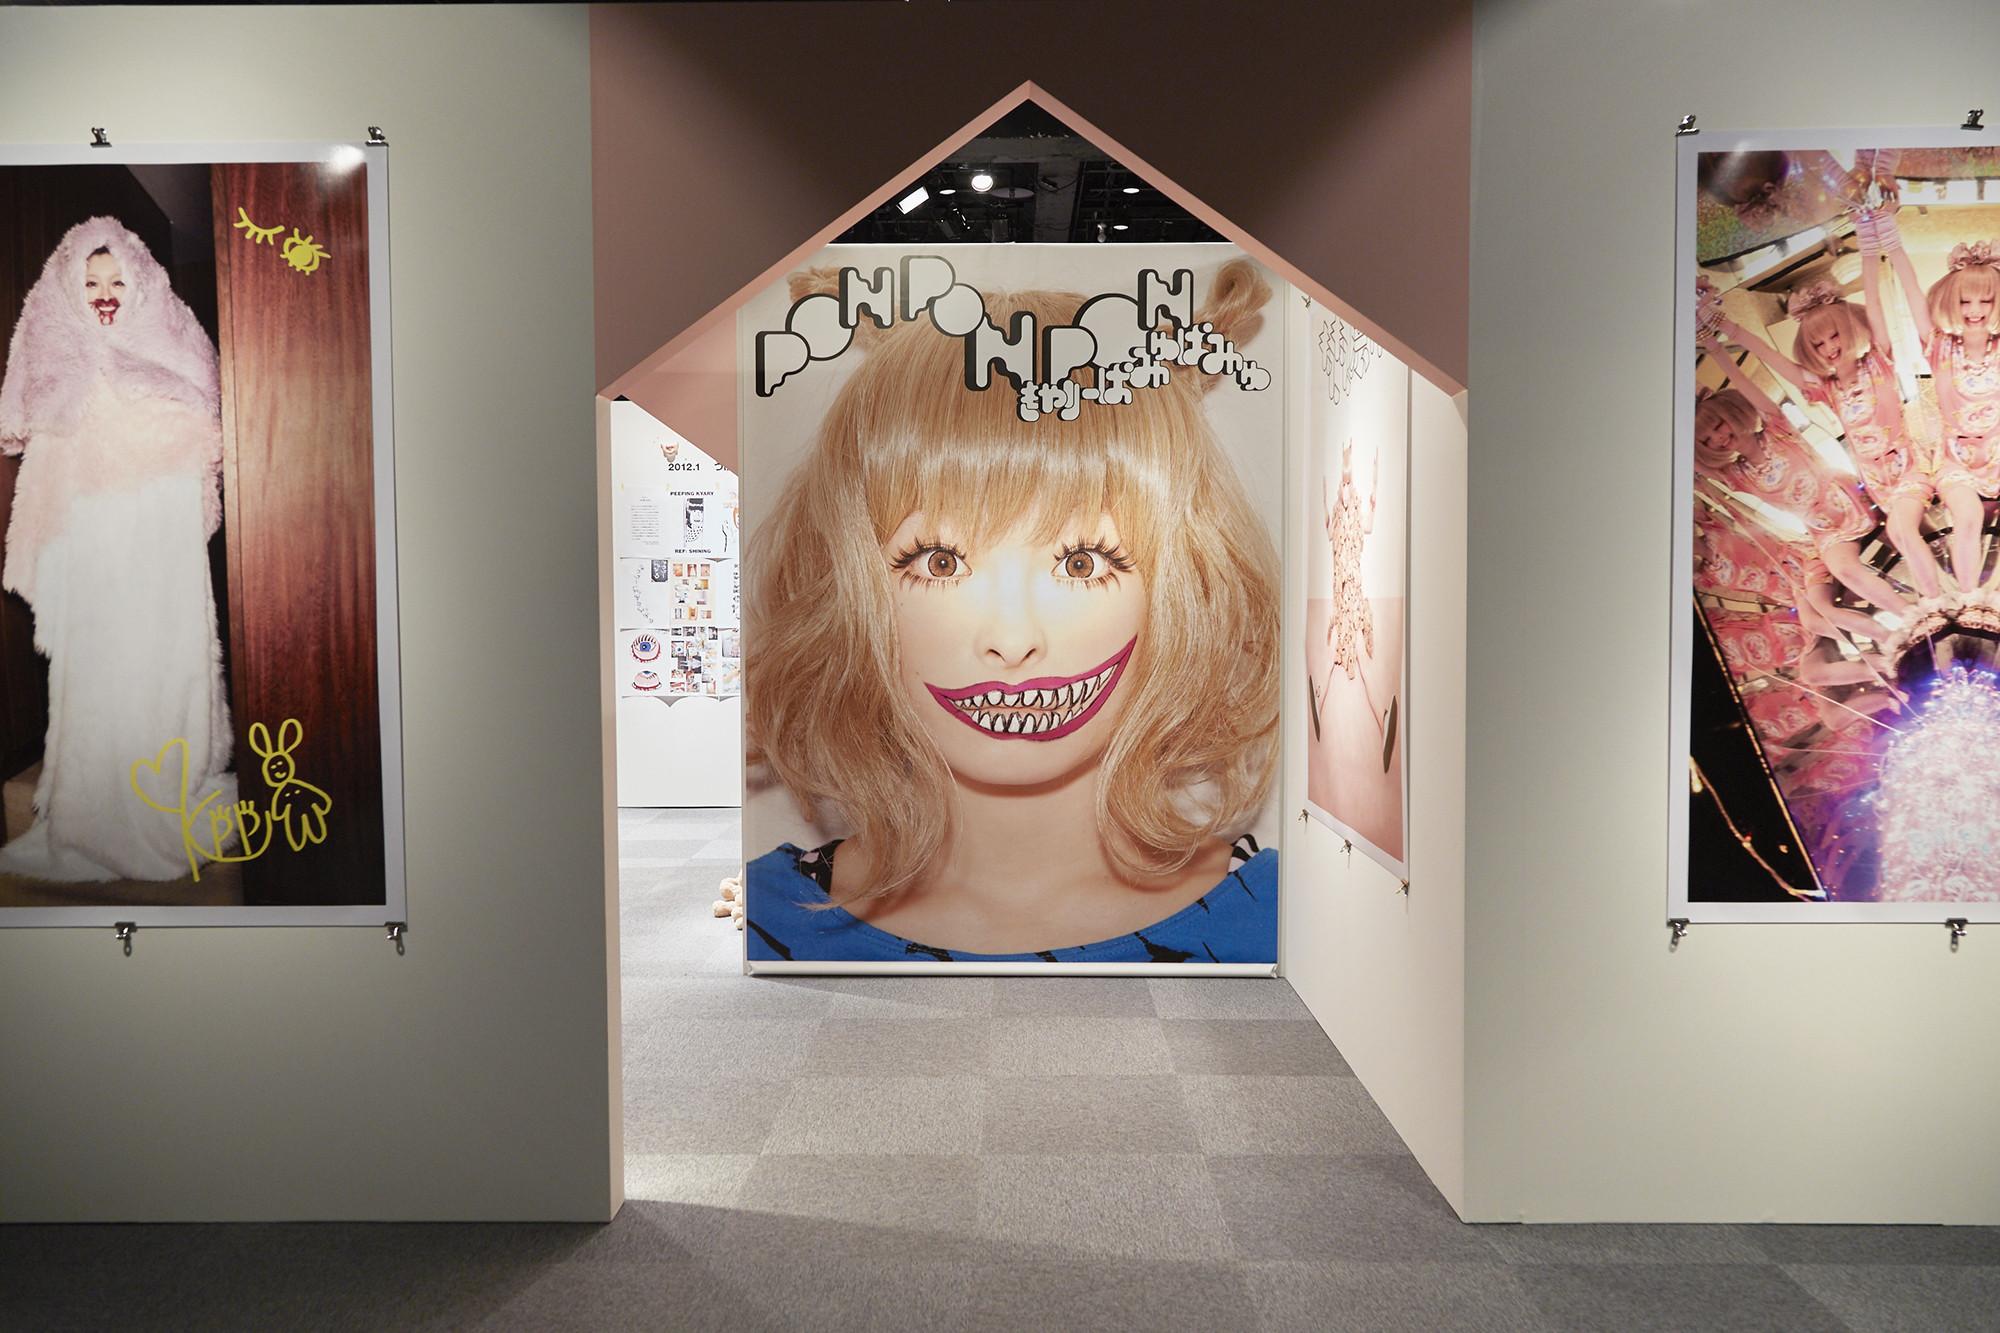 ▲▼ 卡莉怪妞8月來台開展! 揪粉絲一探她的搞怪藝術世界。(圖/吉本興業株式會社/株式會社MCIP Holding提供)